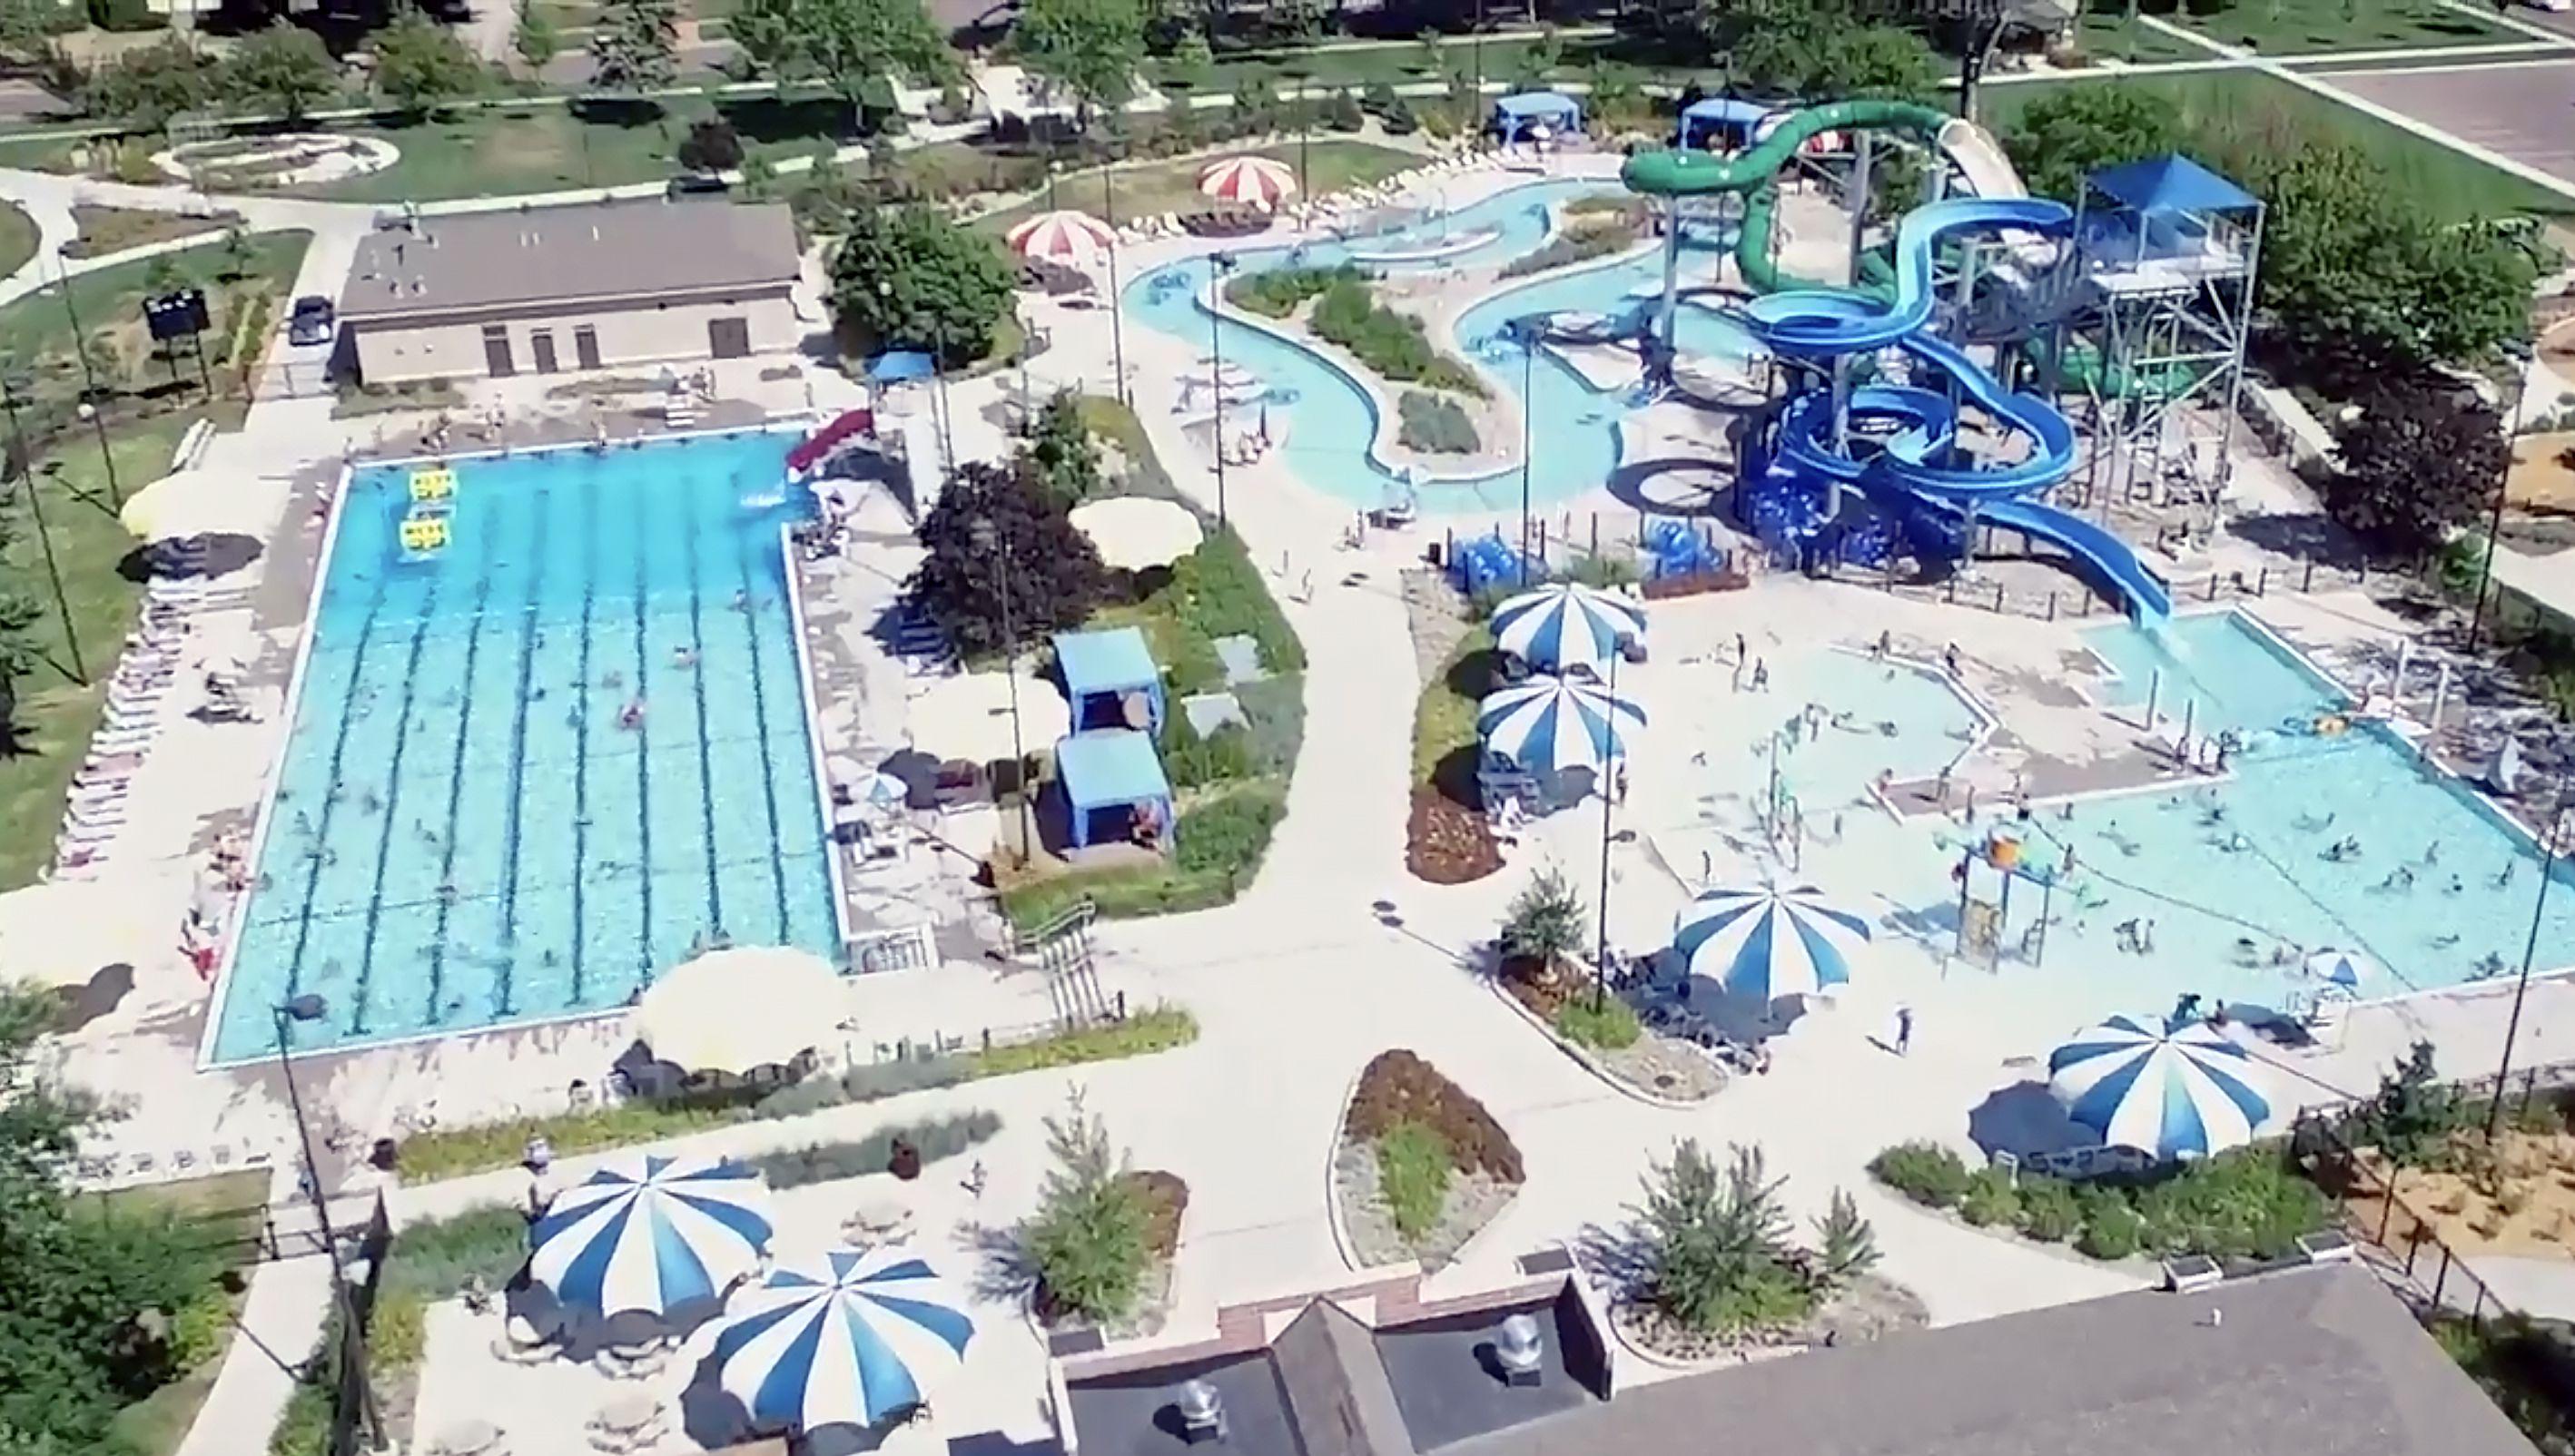 Splash Central Waterpark in Huron